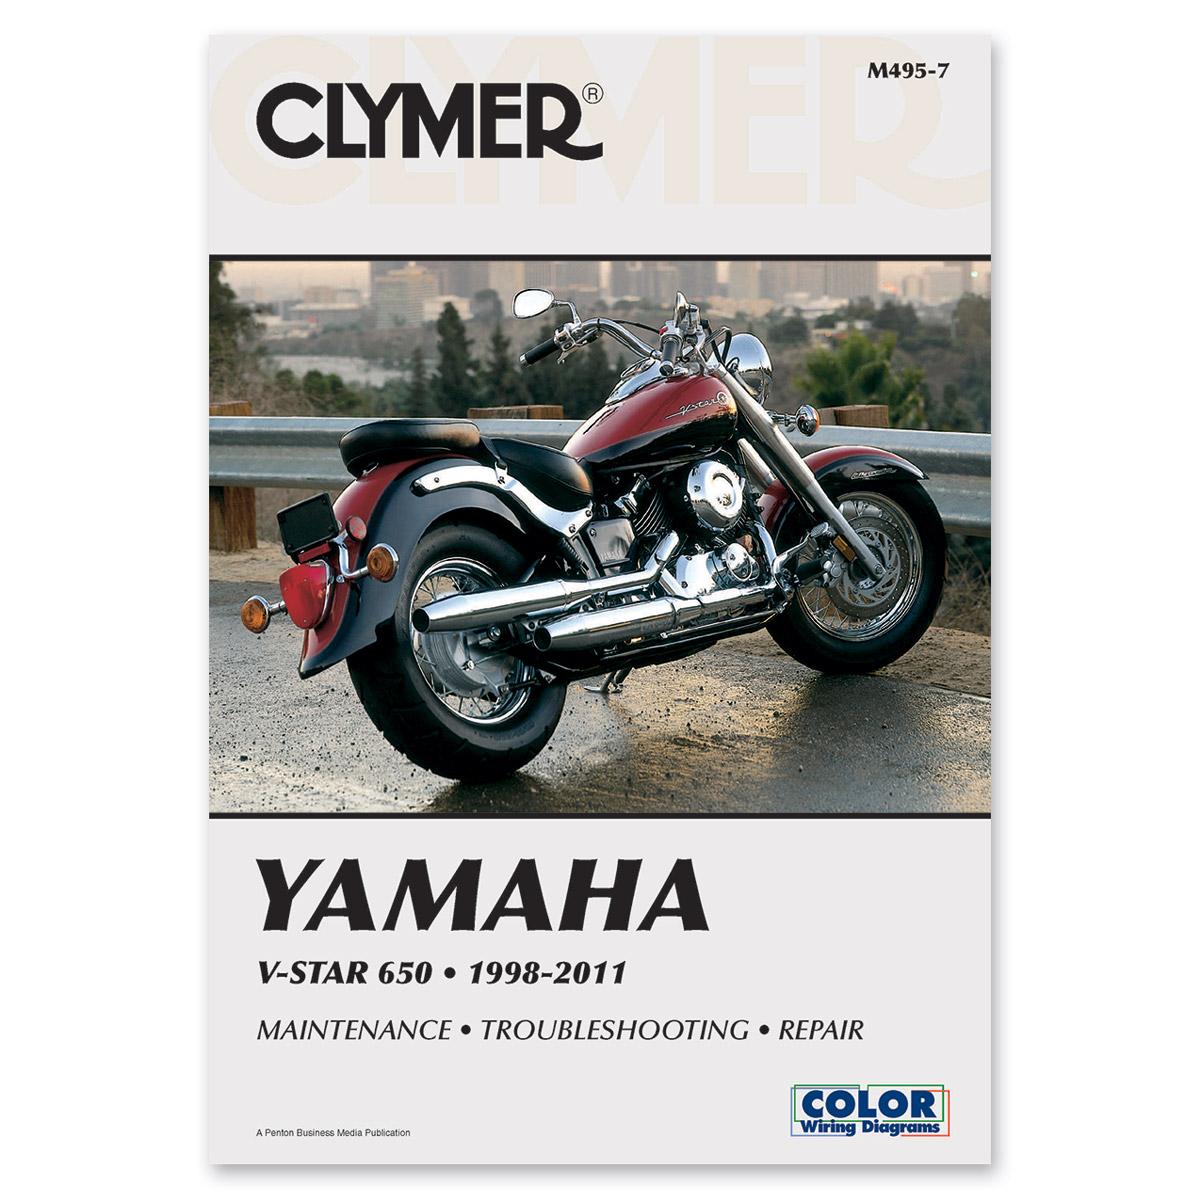 yamaha clymer manuals